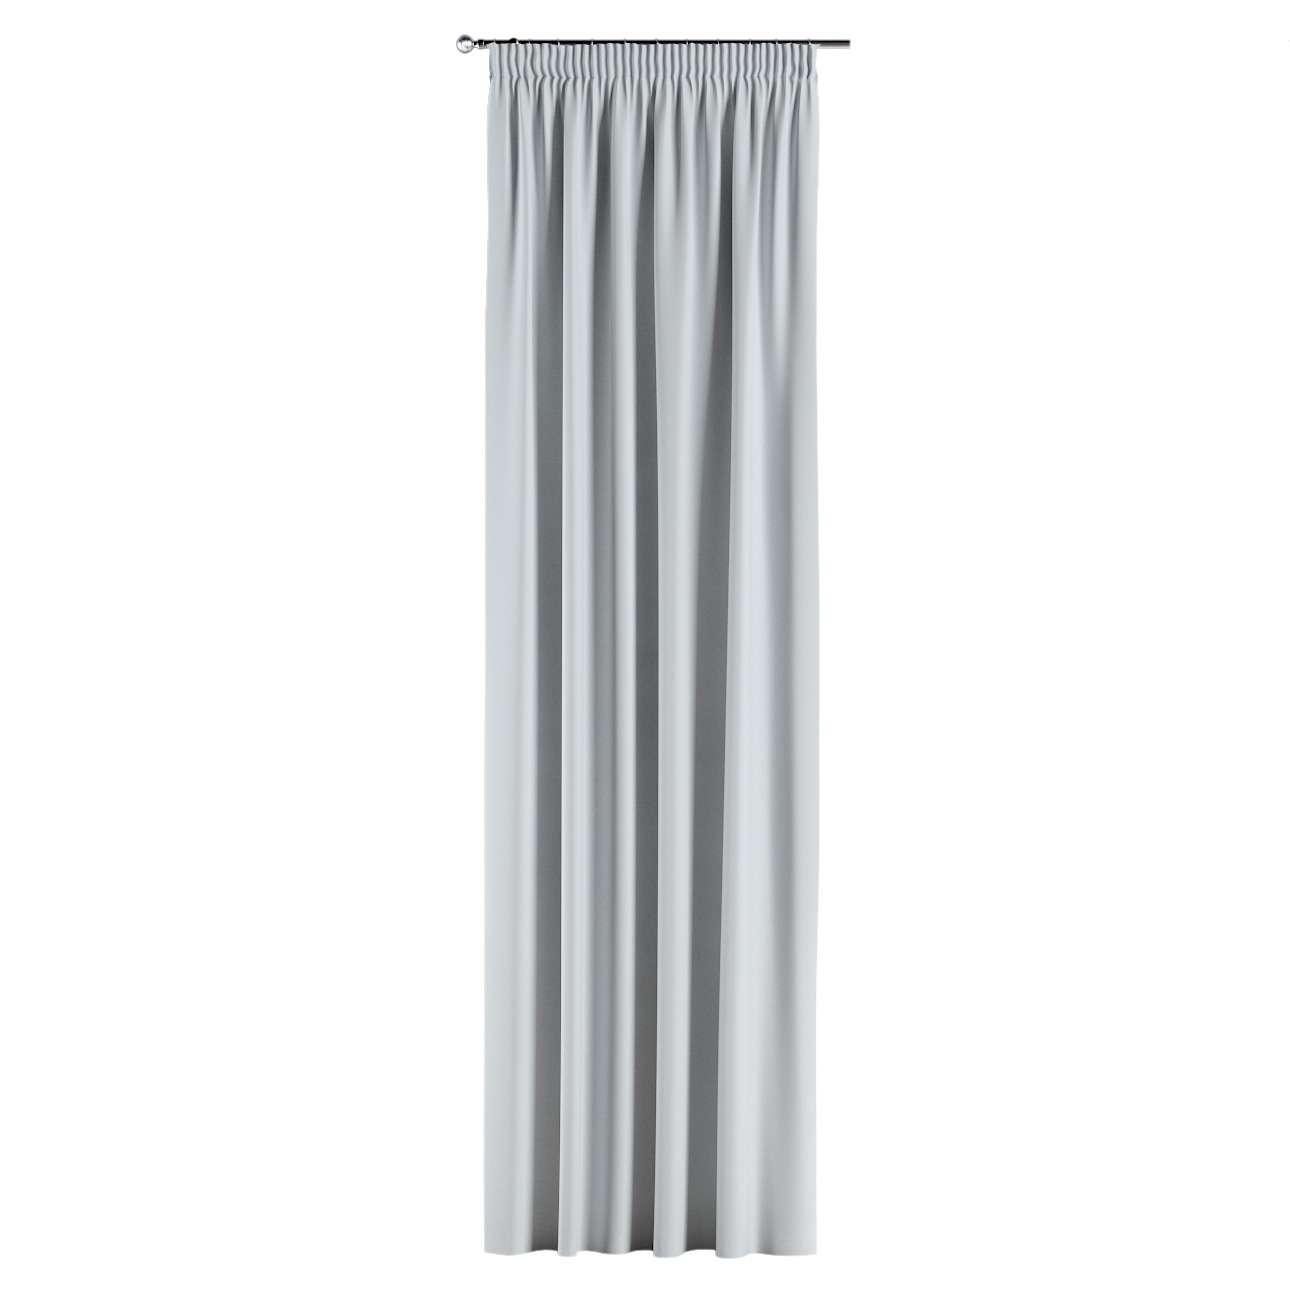 Zasłona zaciemniająca na taśmie 1 szt. w kolekcji Blackout 280cm, tkanina: 269-05